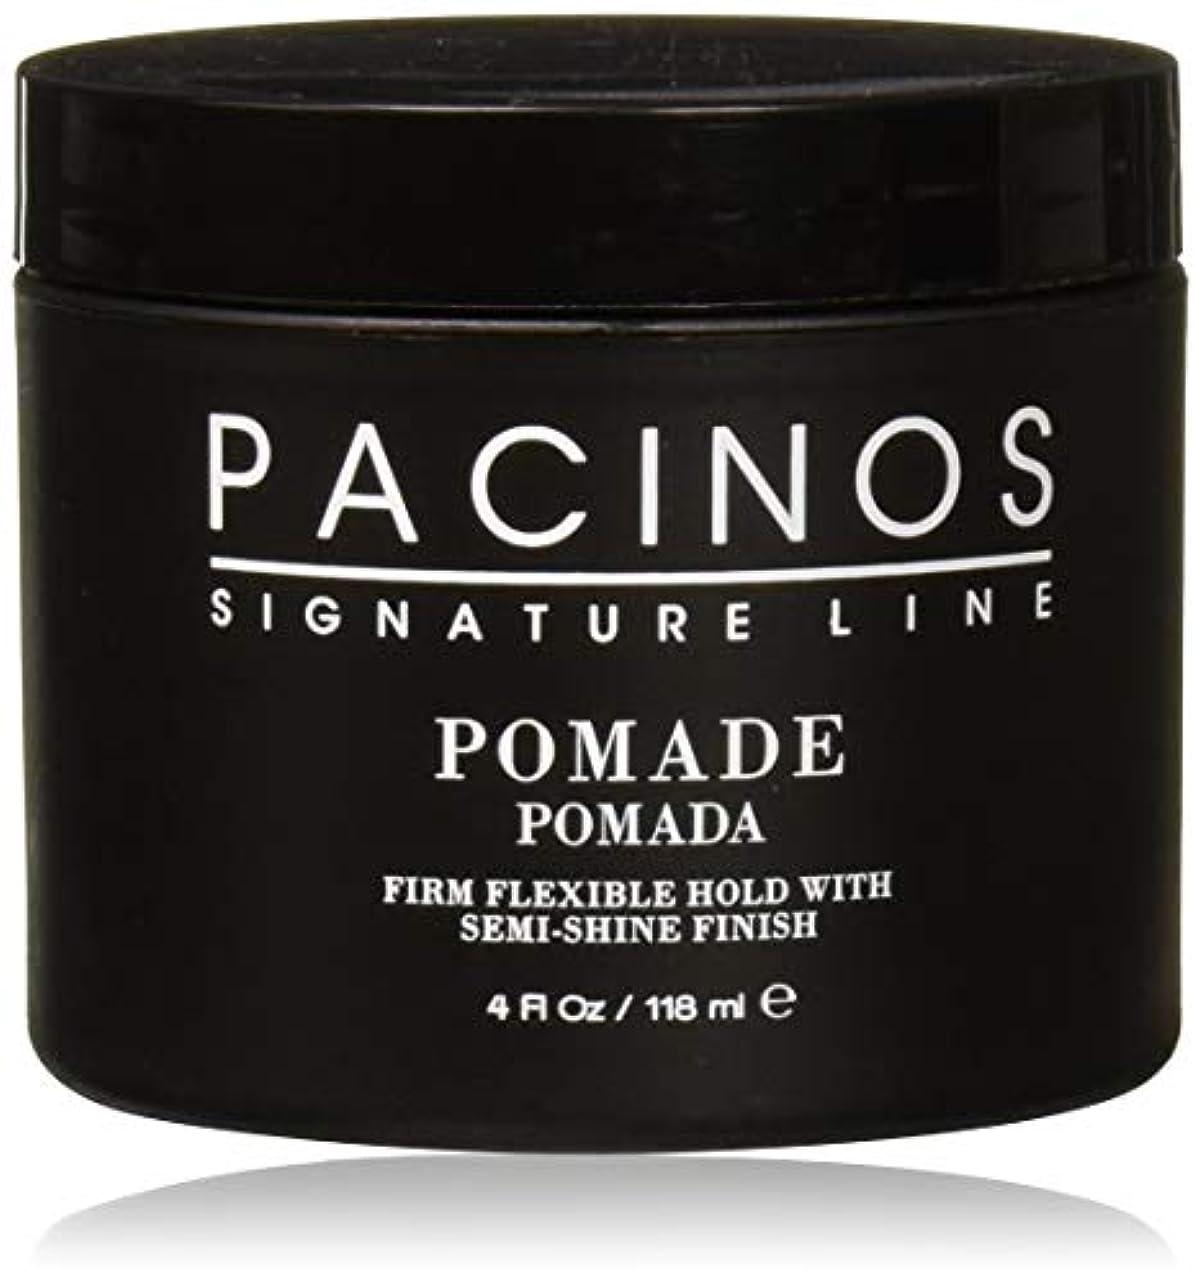 吸い込むイサカ行政Pacinos Pomade パチーノス?ポマード【日本正規品】4oz(118g)